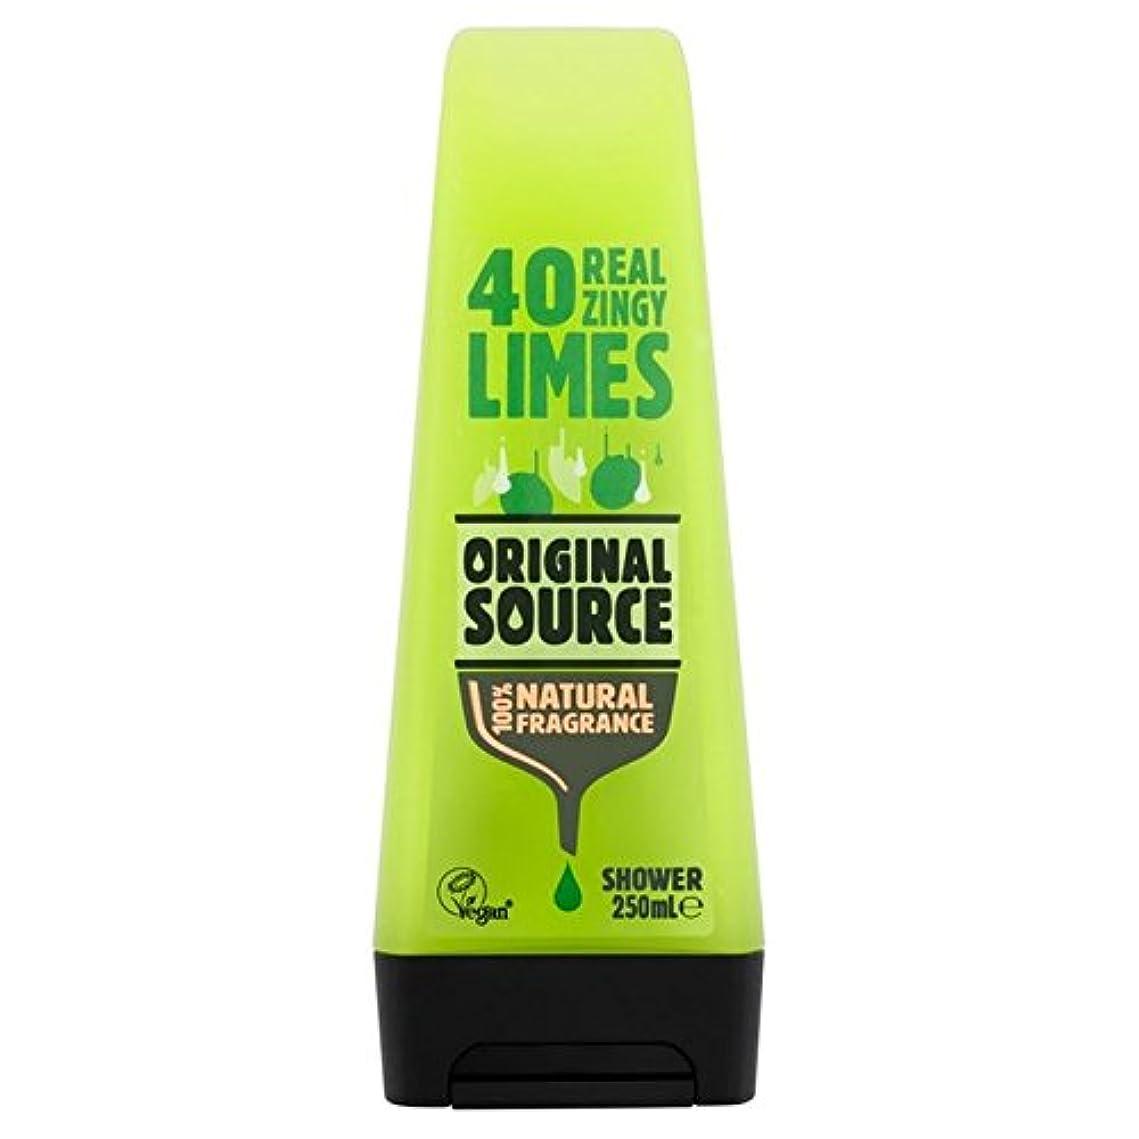 管理しますばかげているスクラブOriginal Source Lime Shower Gel 250ml - 元のソースライムシャワージェル250ミリリットル [並行輸入品]